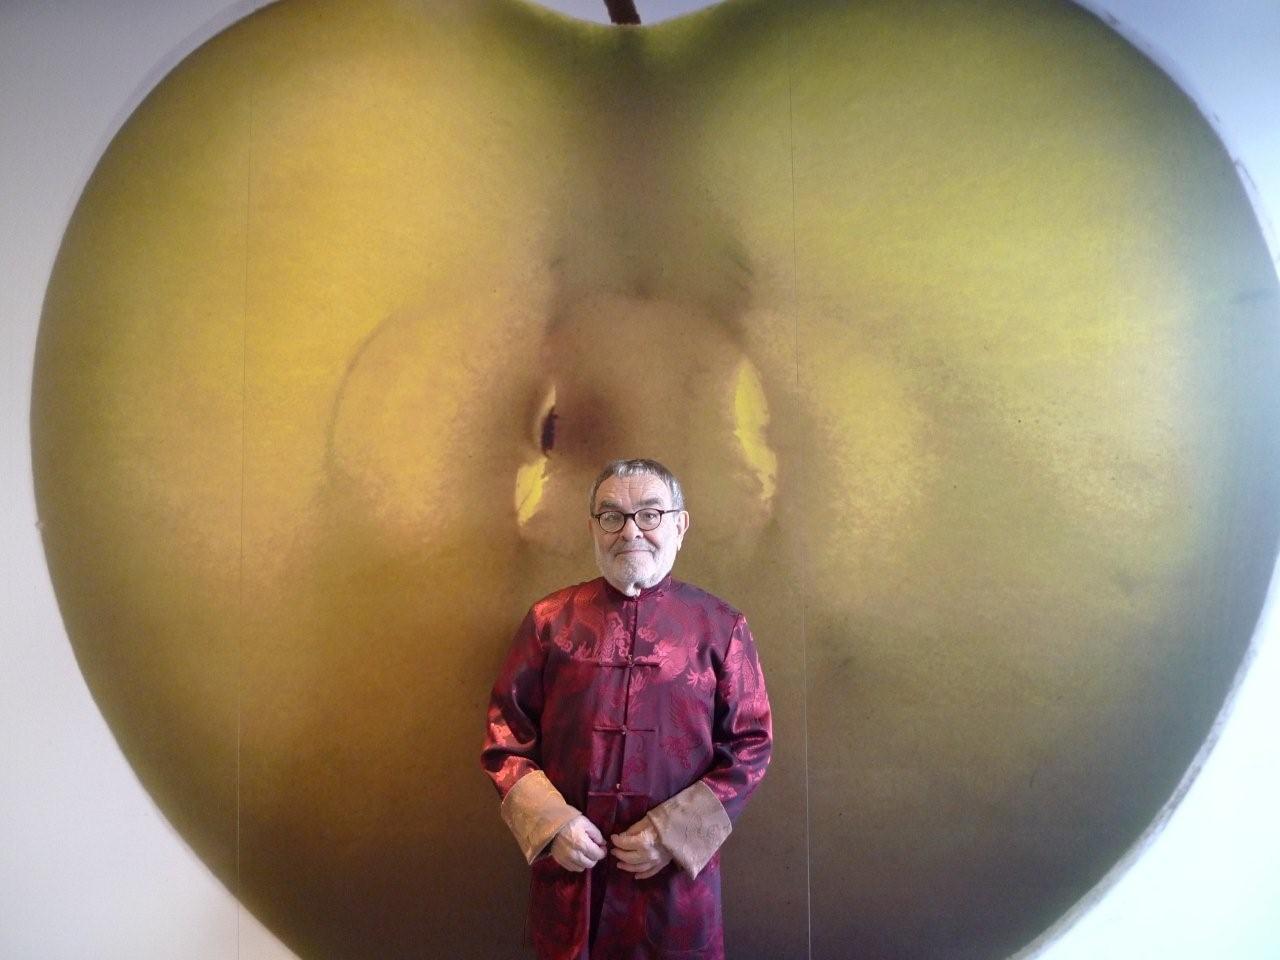 Fernando Arrabal, Portrait à la pomme.